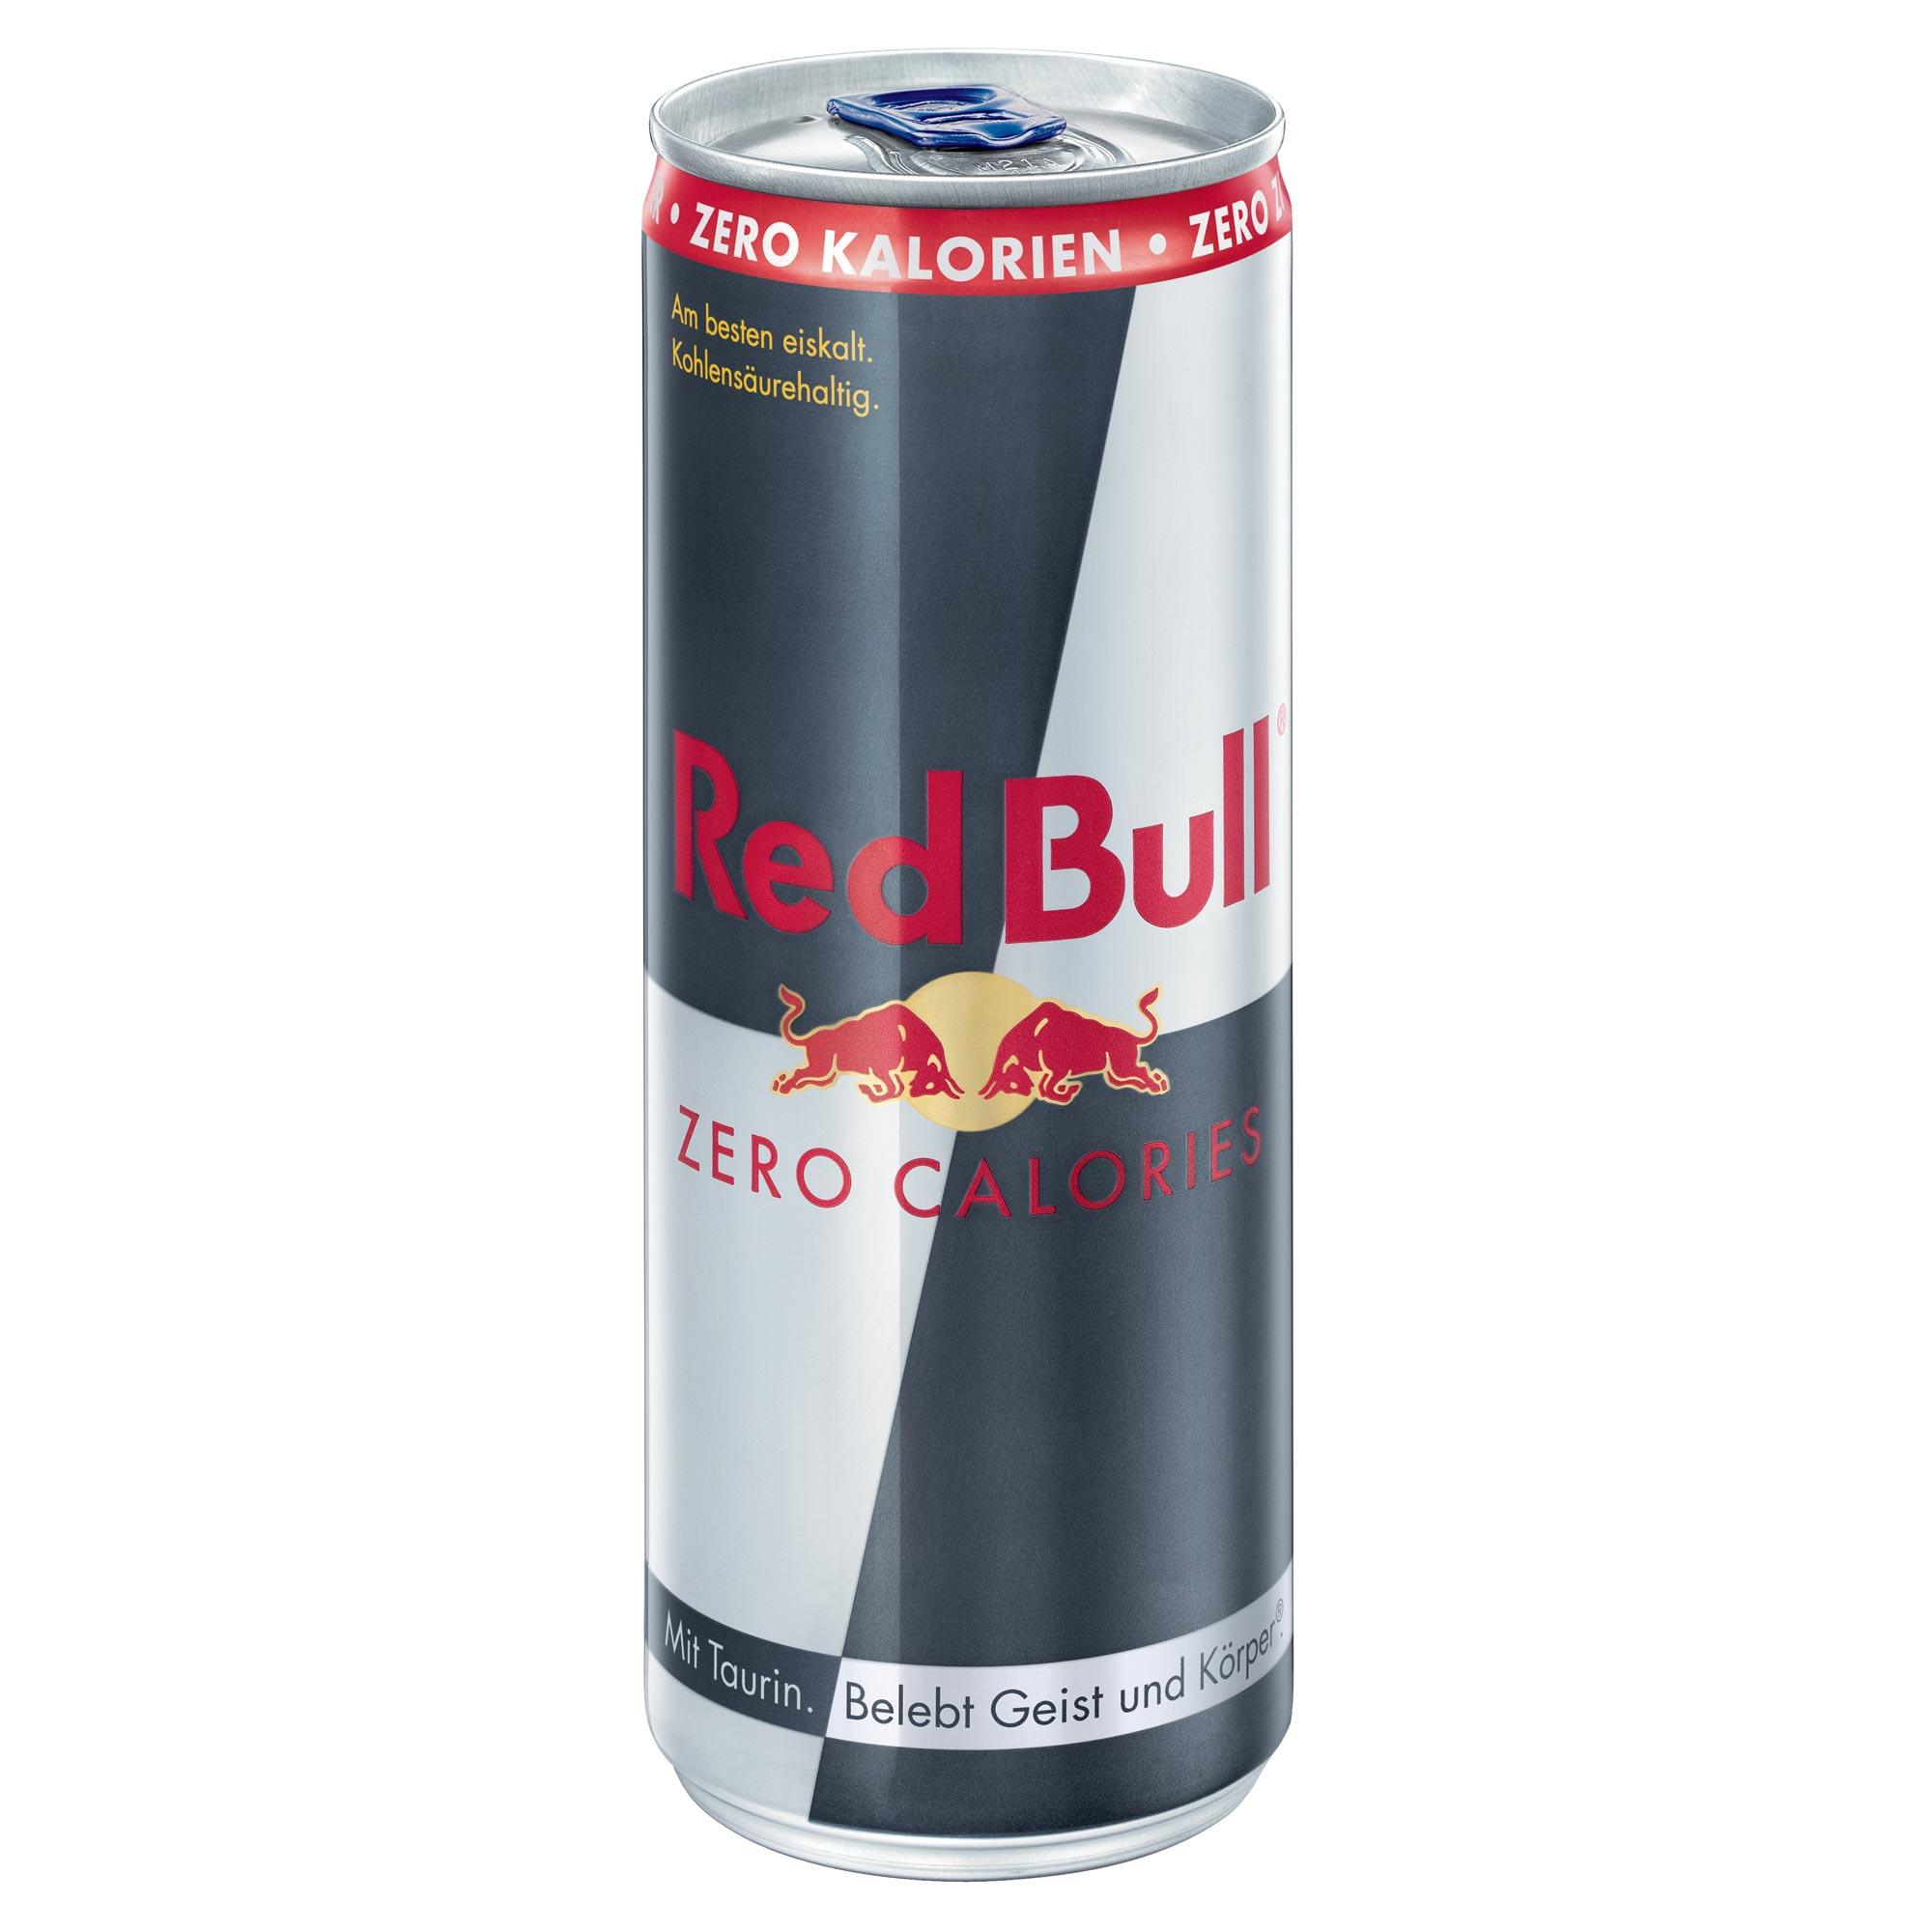 [Globus 65428] Rüsselsheim: Red Bull 0,77€ / Golden Toast 0,66€ / MJ mit der Ecke 0,22€